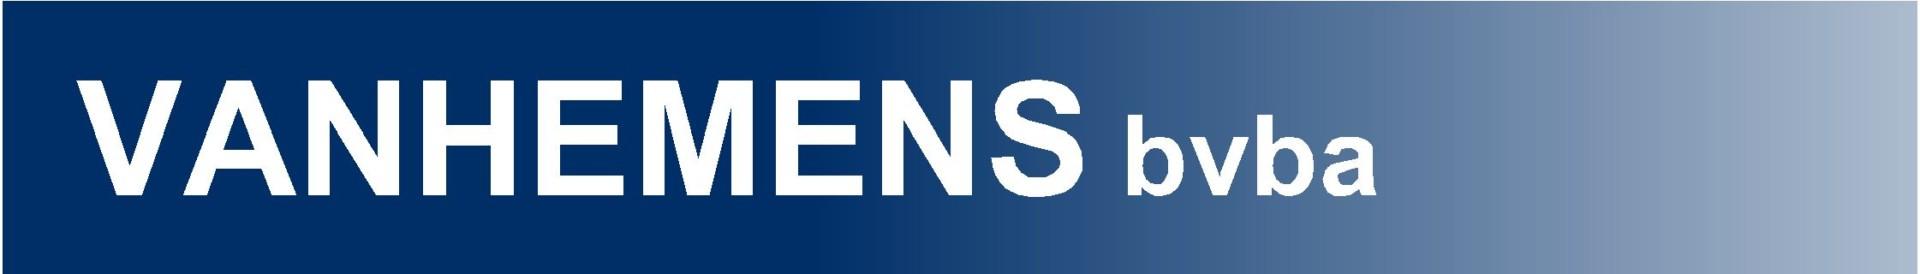 Vanhemens-bvba-logo-2Mb